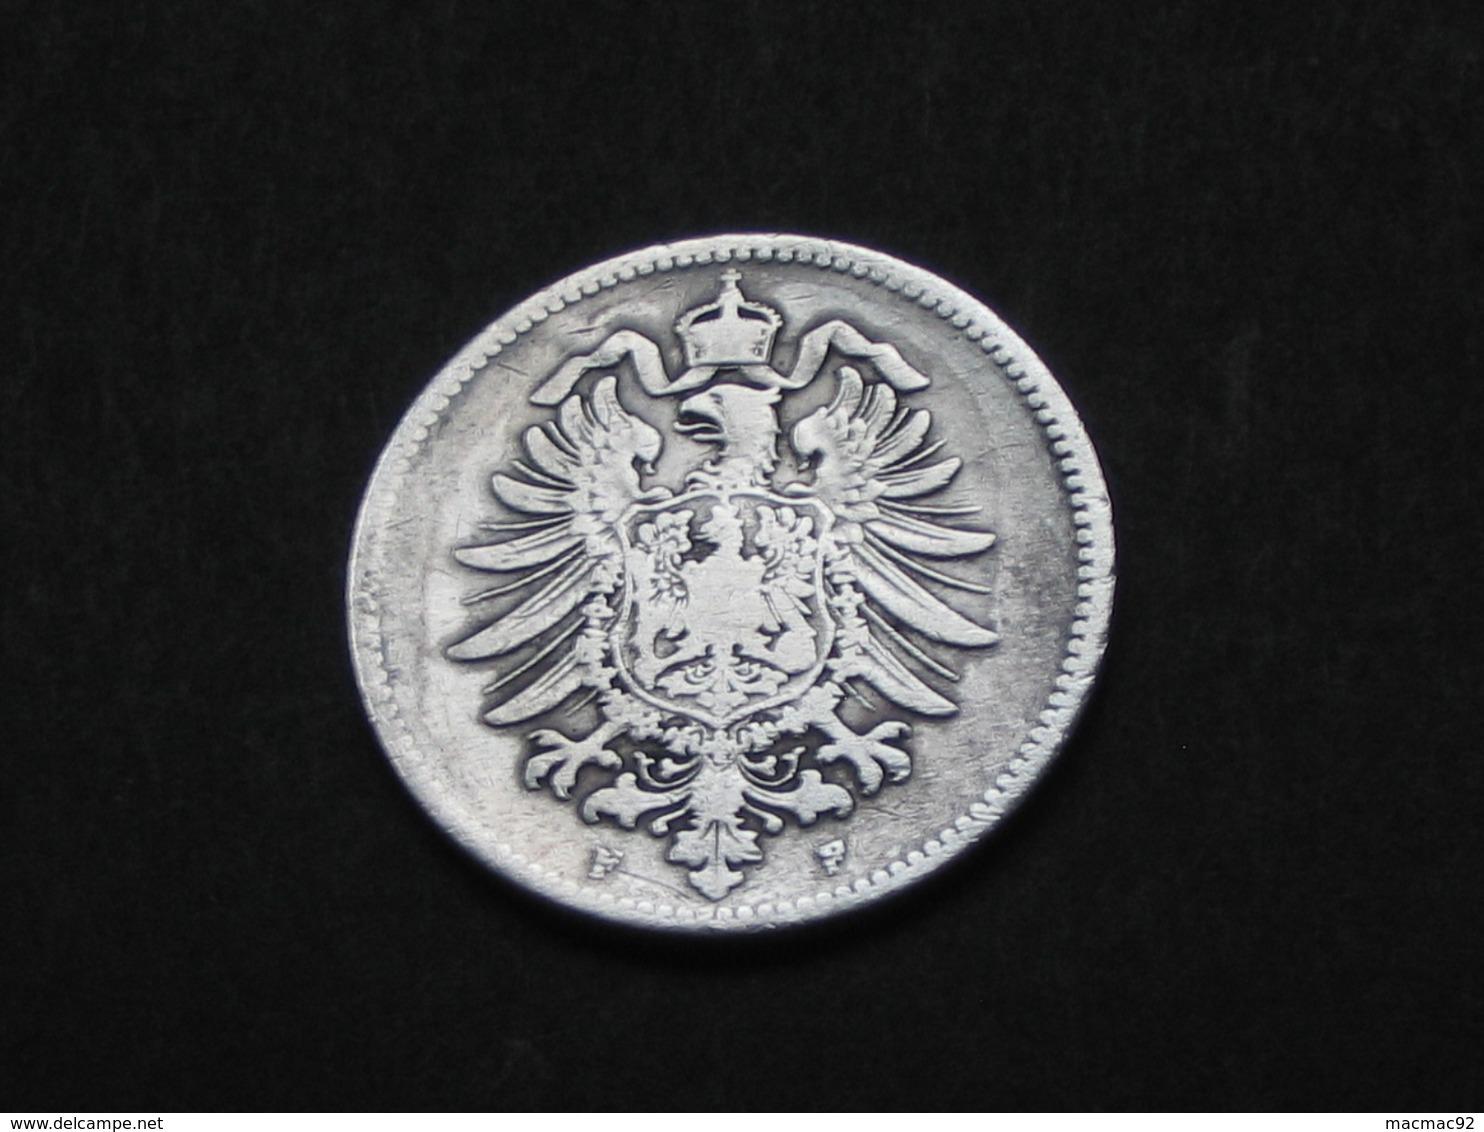 RARE !!!!!    1 Mark 1880 F - Germany  - ALLEMAGNE - Deutsches Reich    **** EN ACHAT IMMEDIAT ***** - [ 2] 1871-1918: Deutsches Kaiserreich